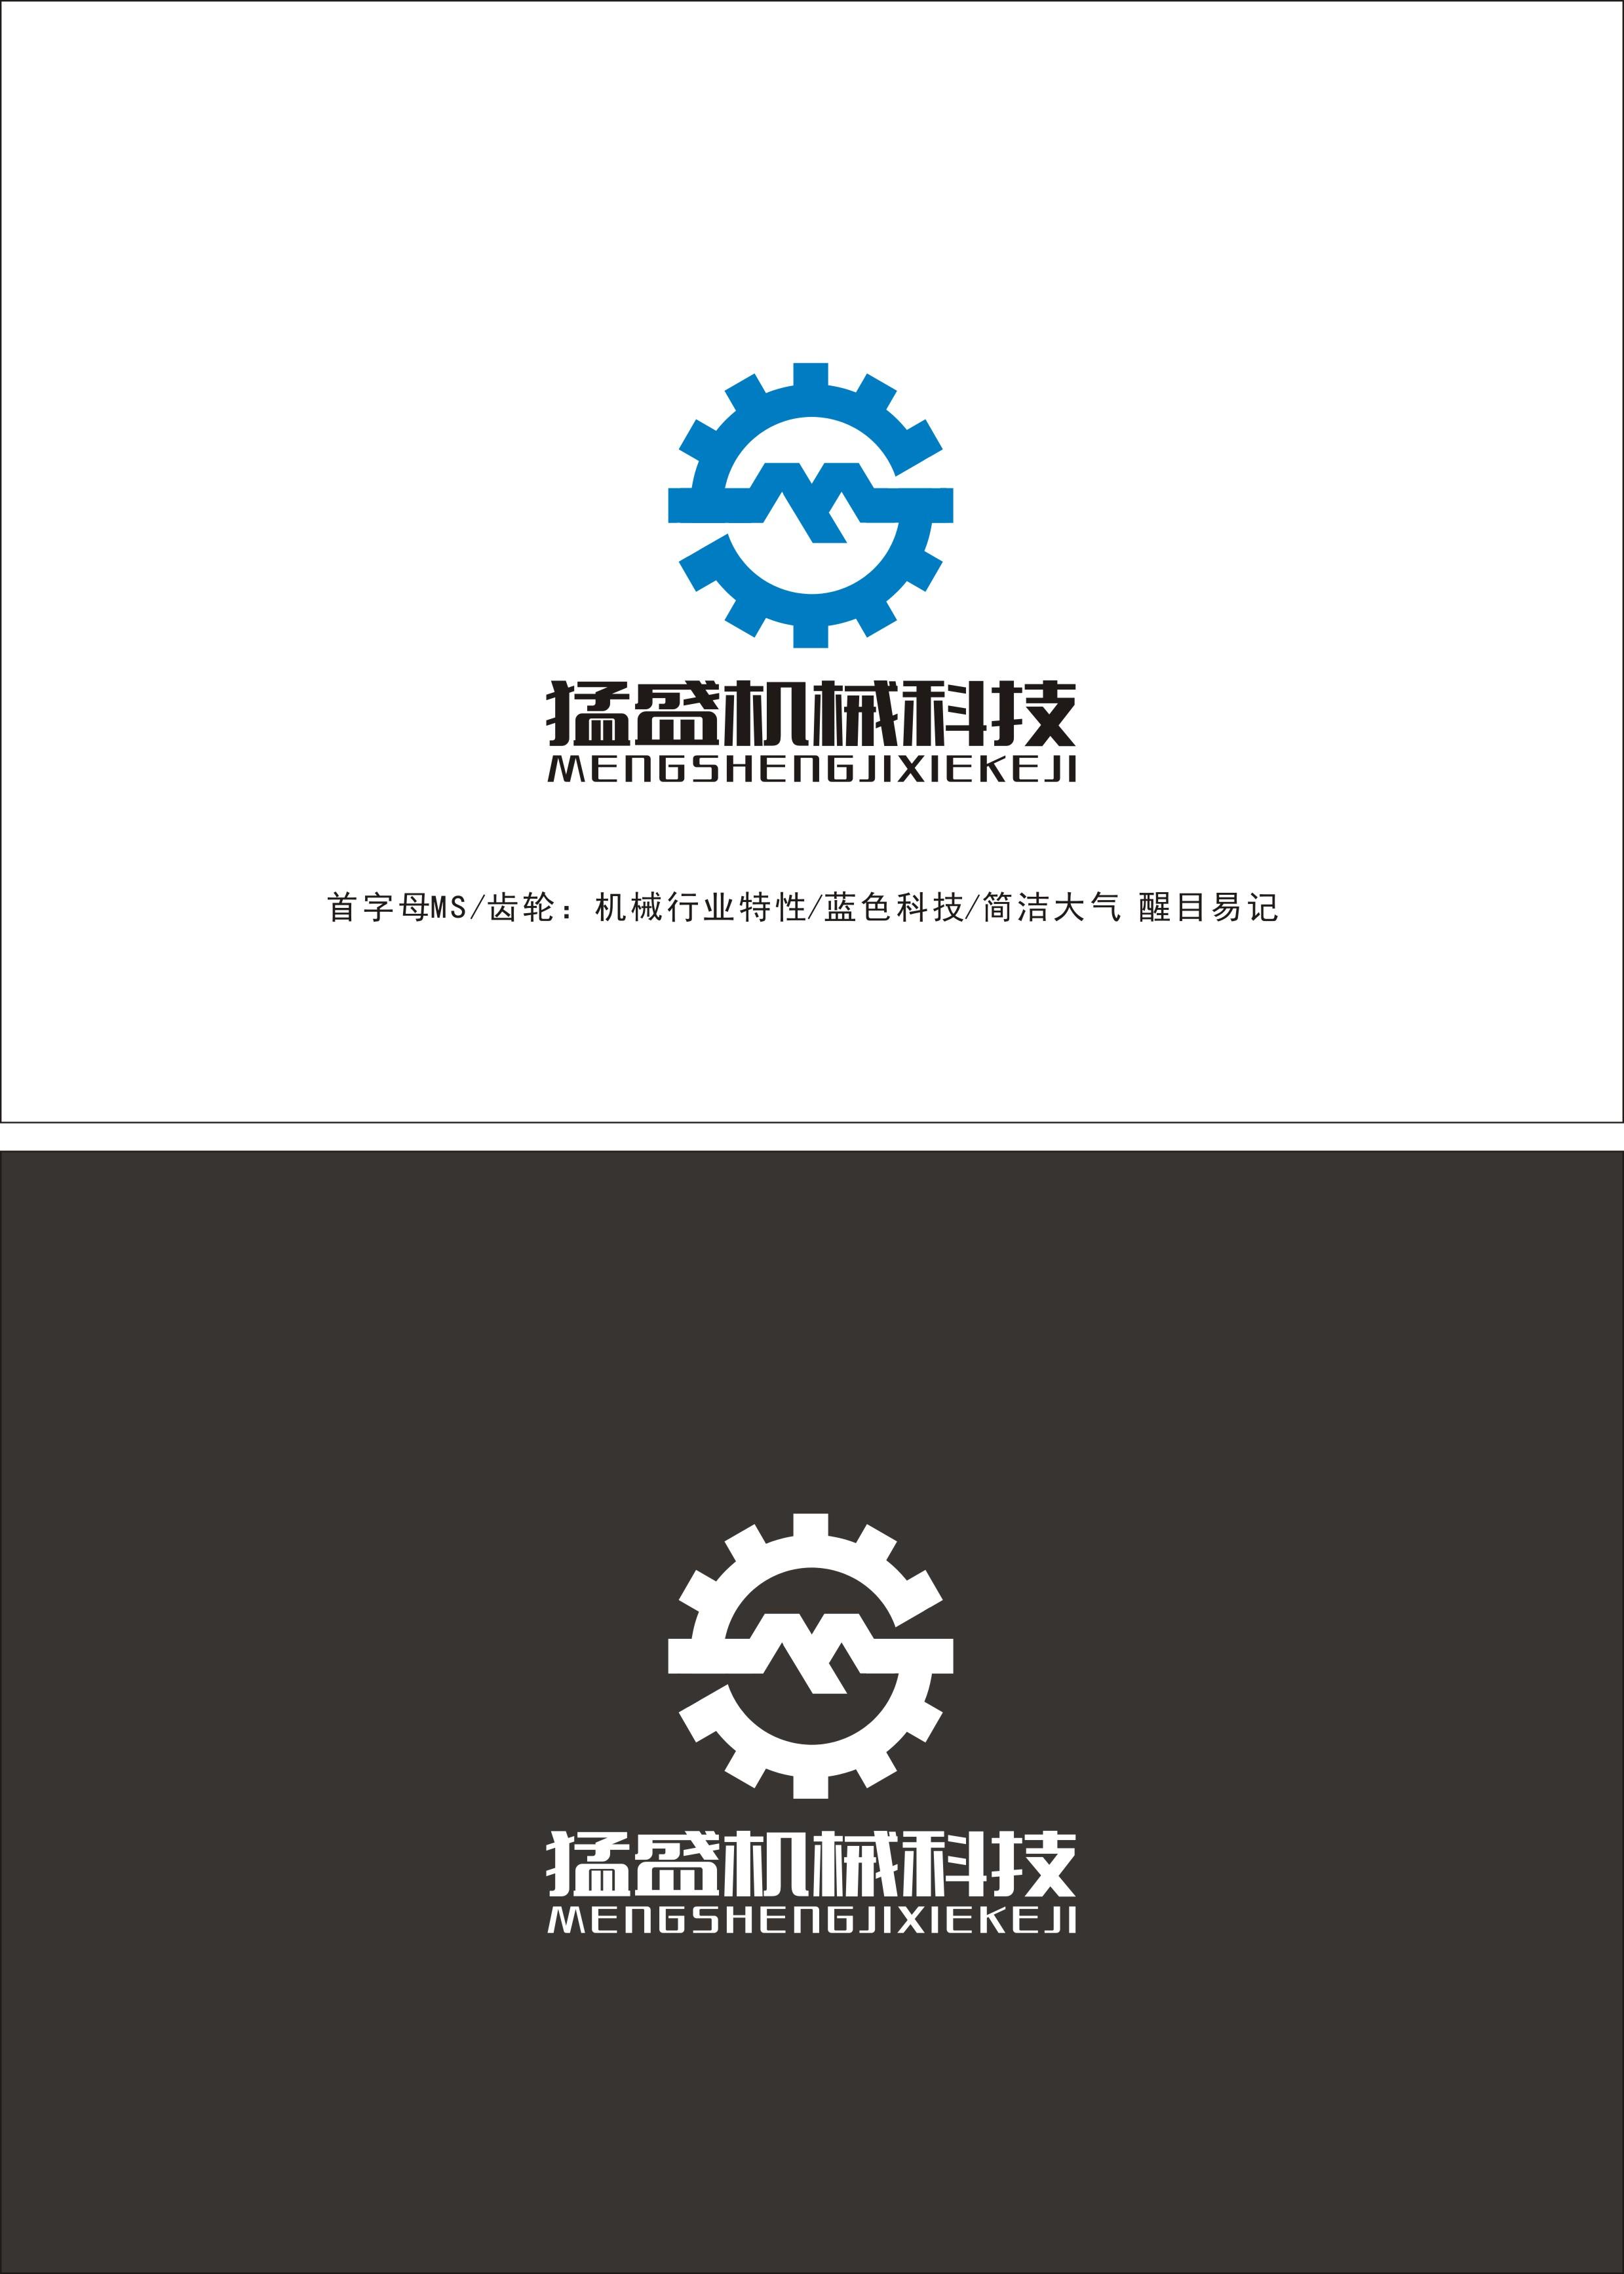 上海猛盛机械科技公司LOGO、广告语_2965991_k68威客网